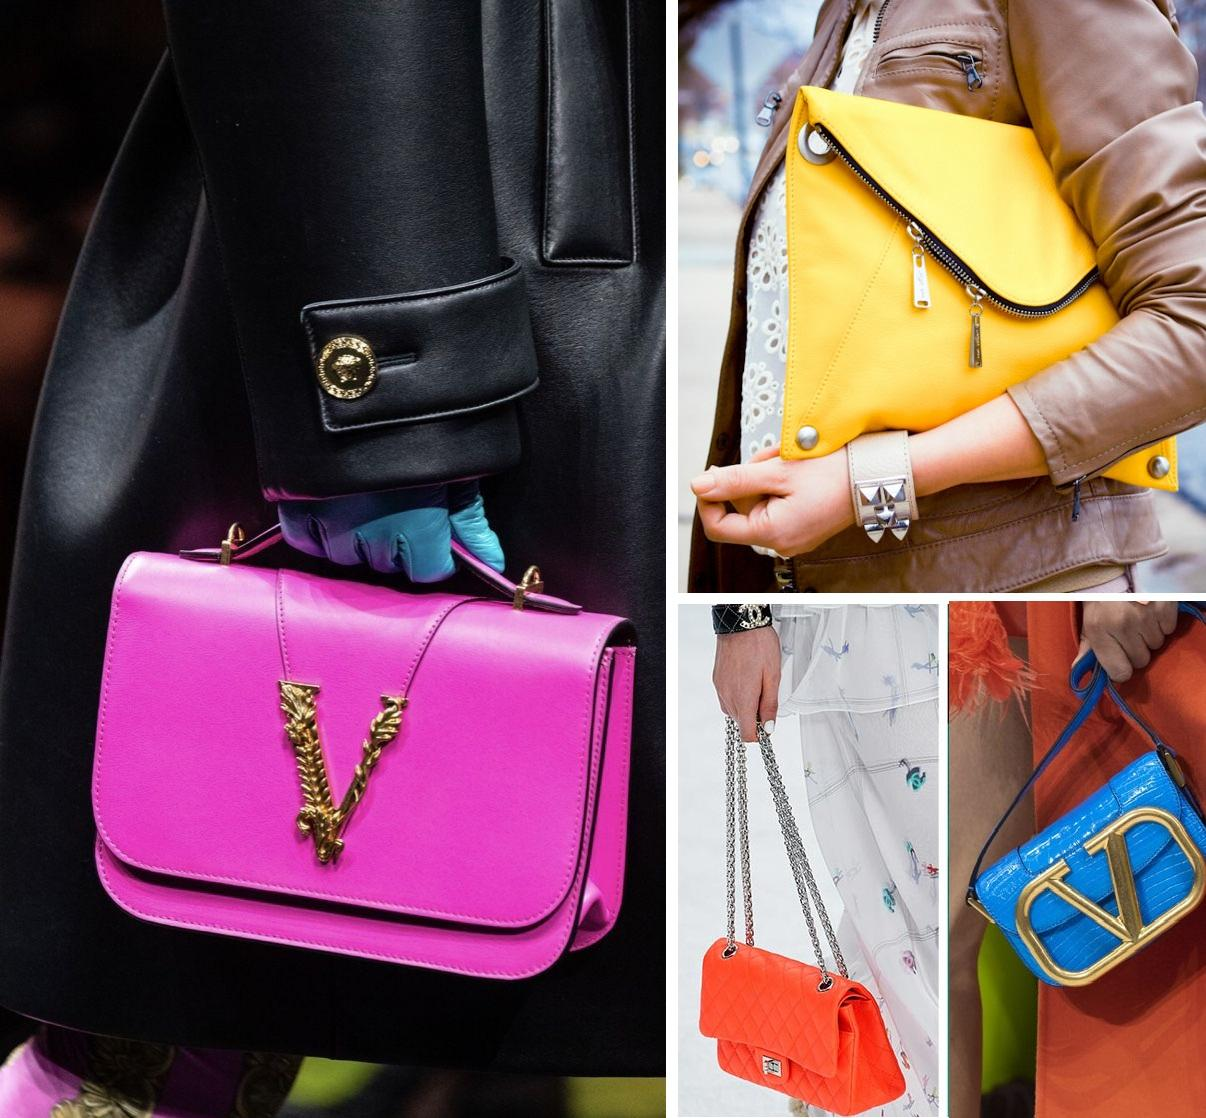 Сумка дорогой женщины: ведро, конвертик, соломка — самые классные модели лета